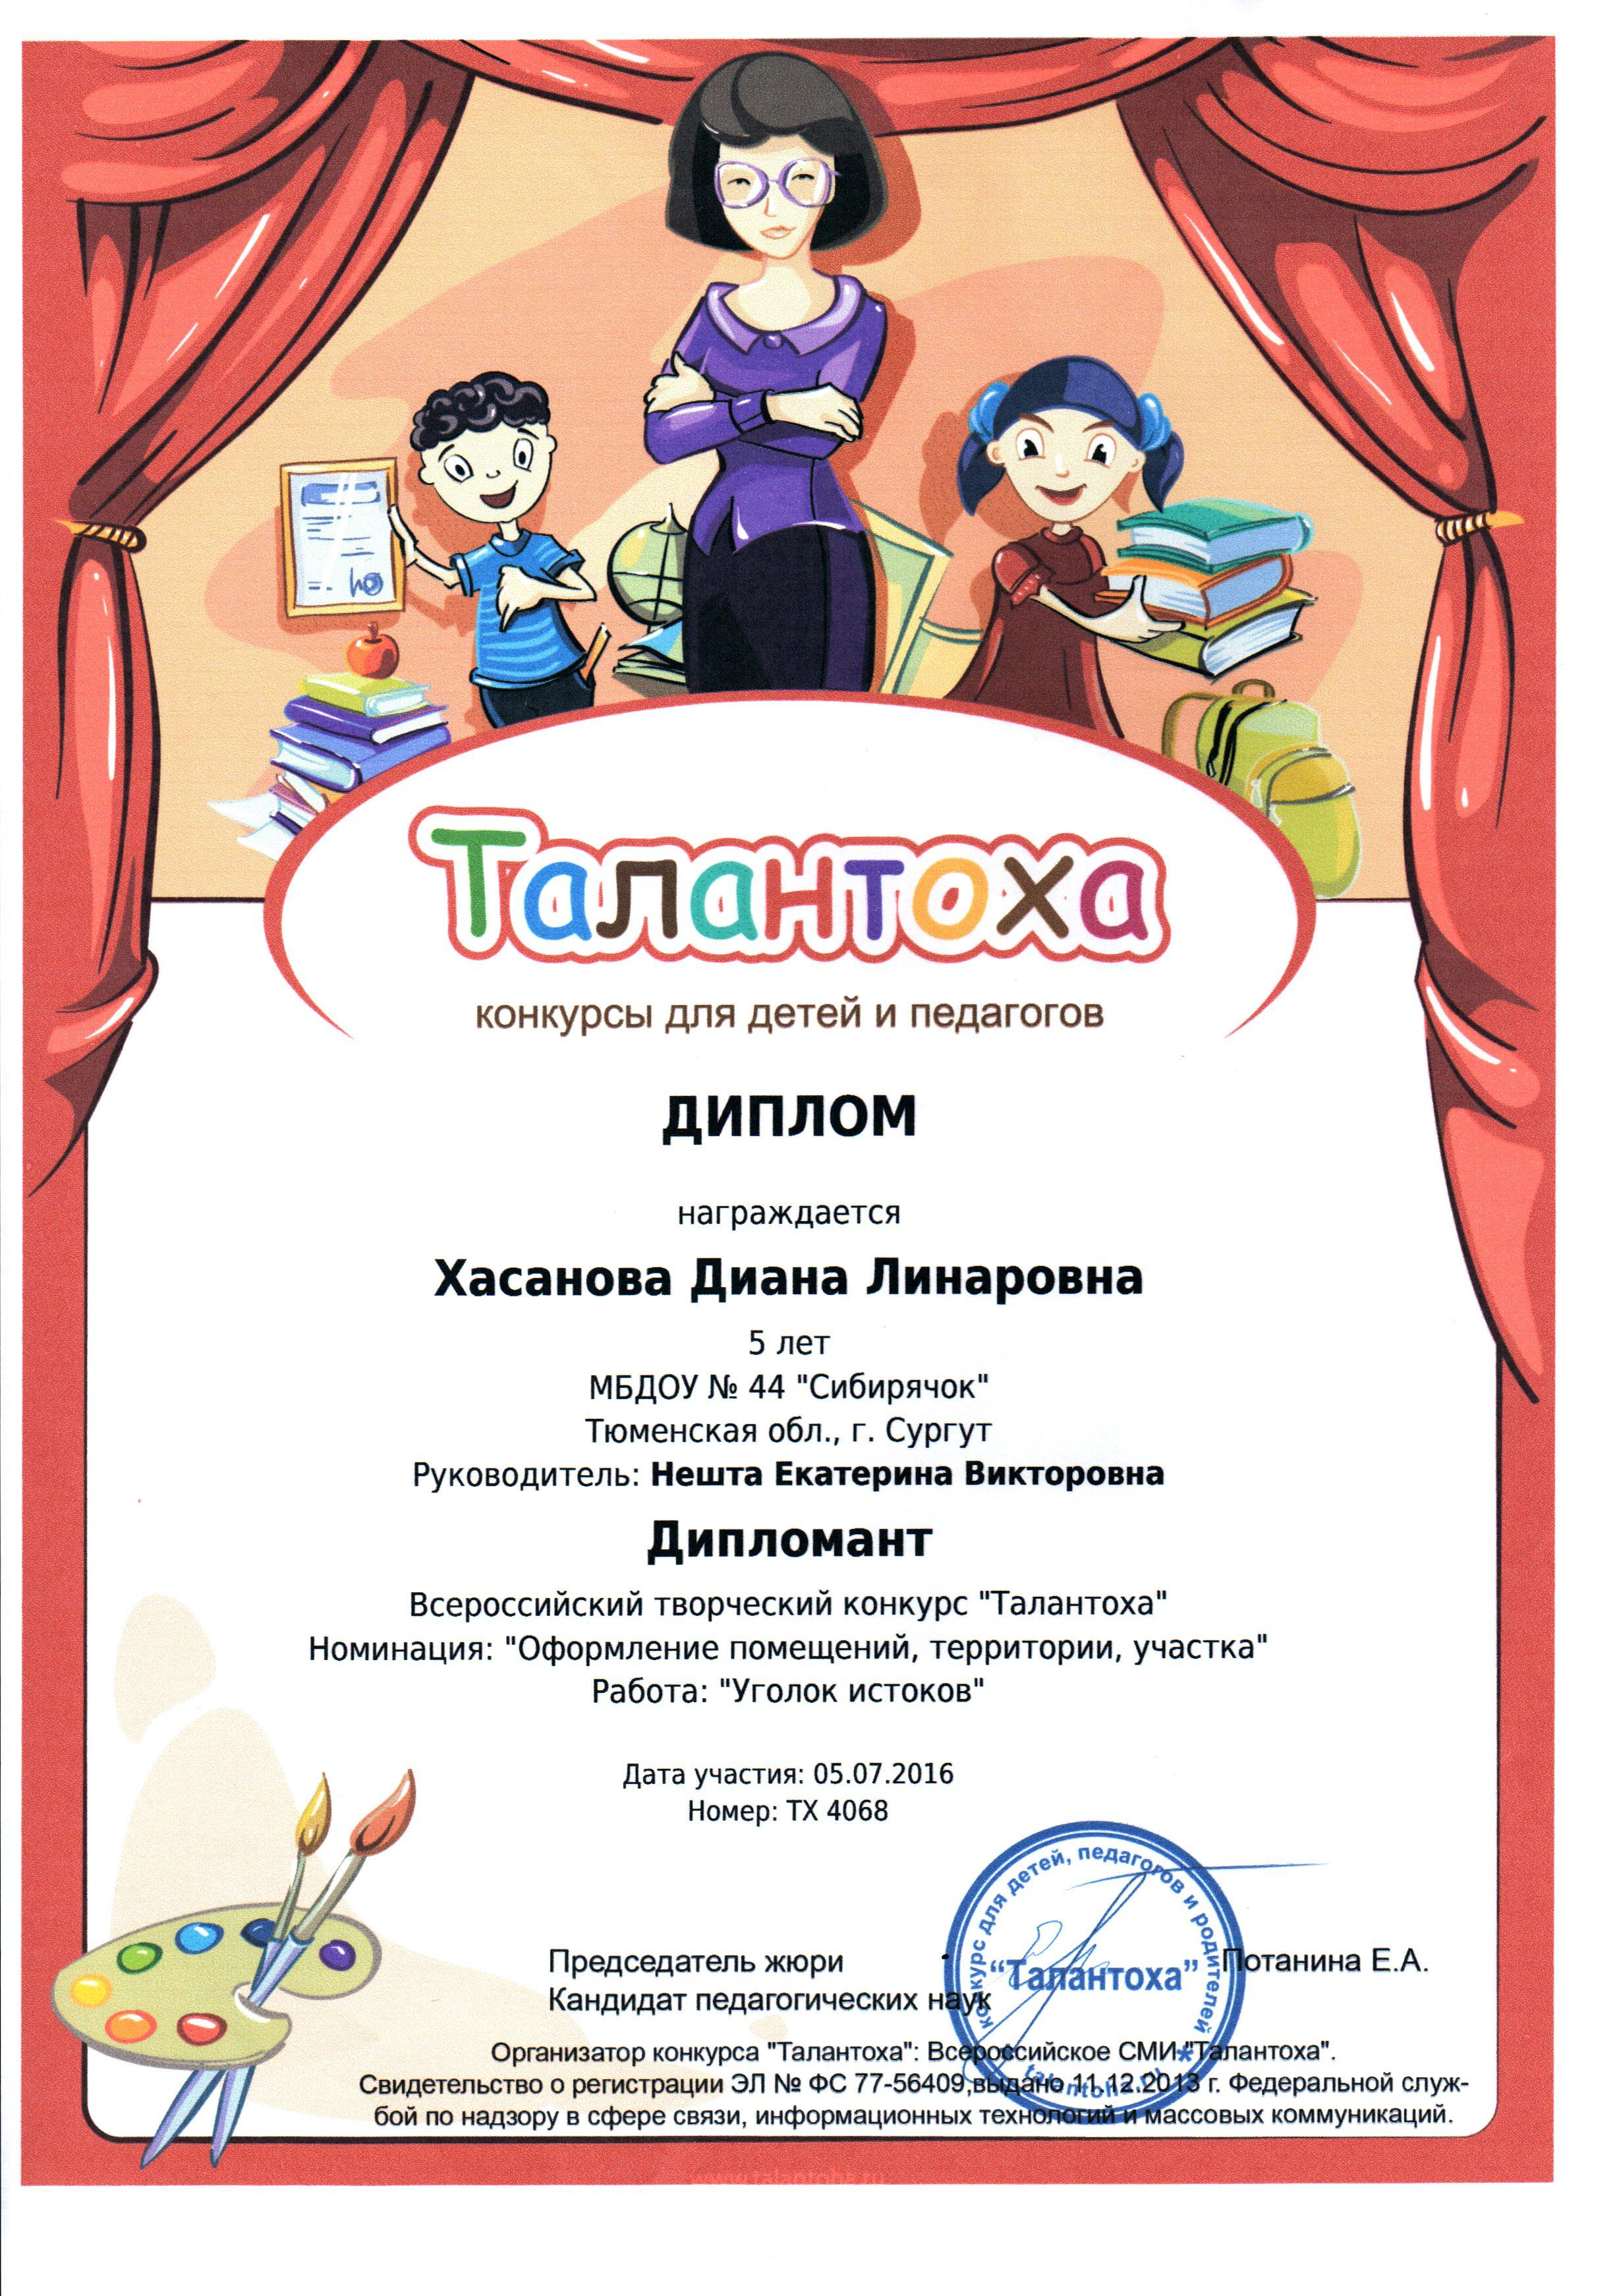 Вся российская конкурсы для детей